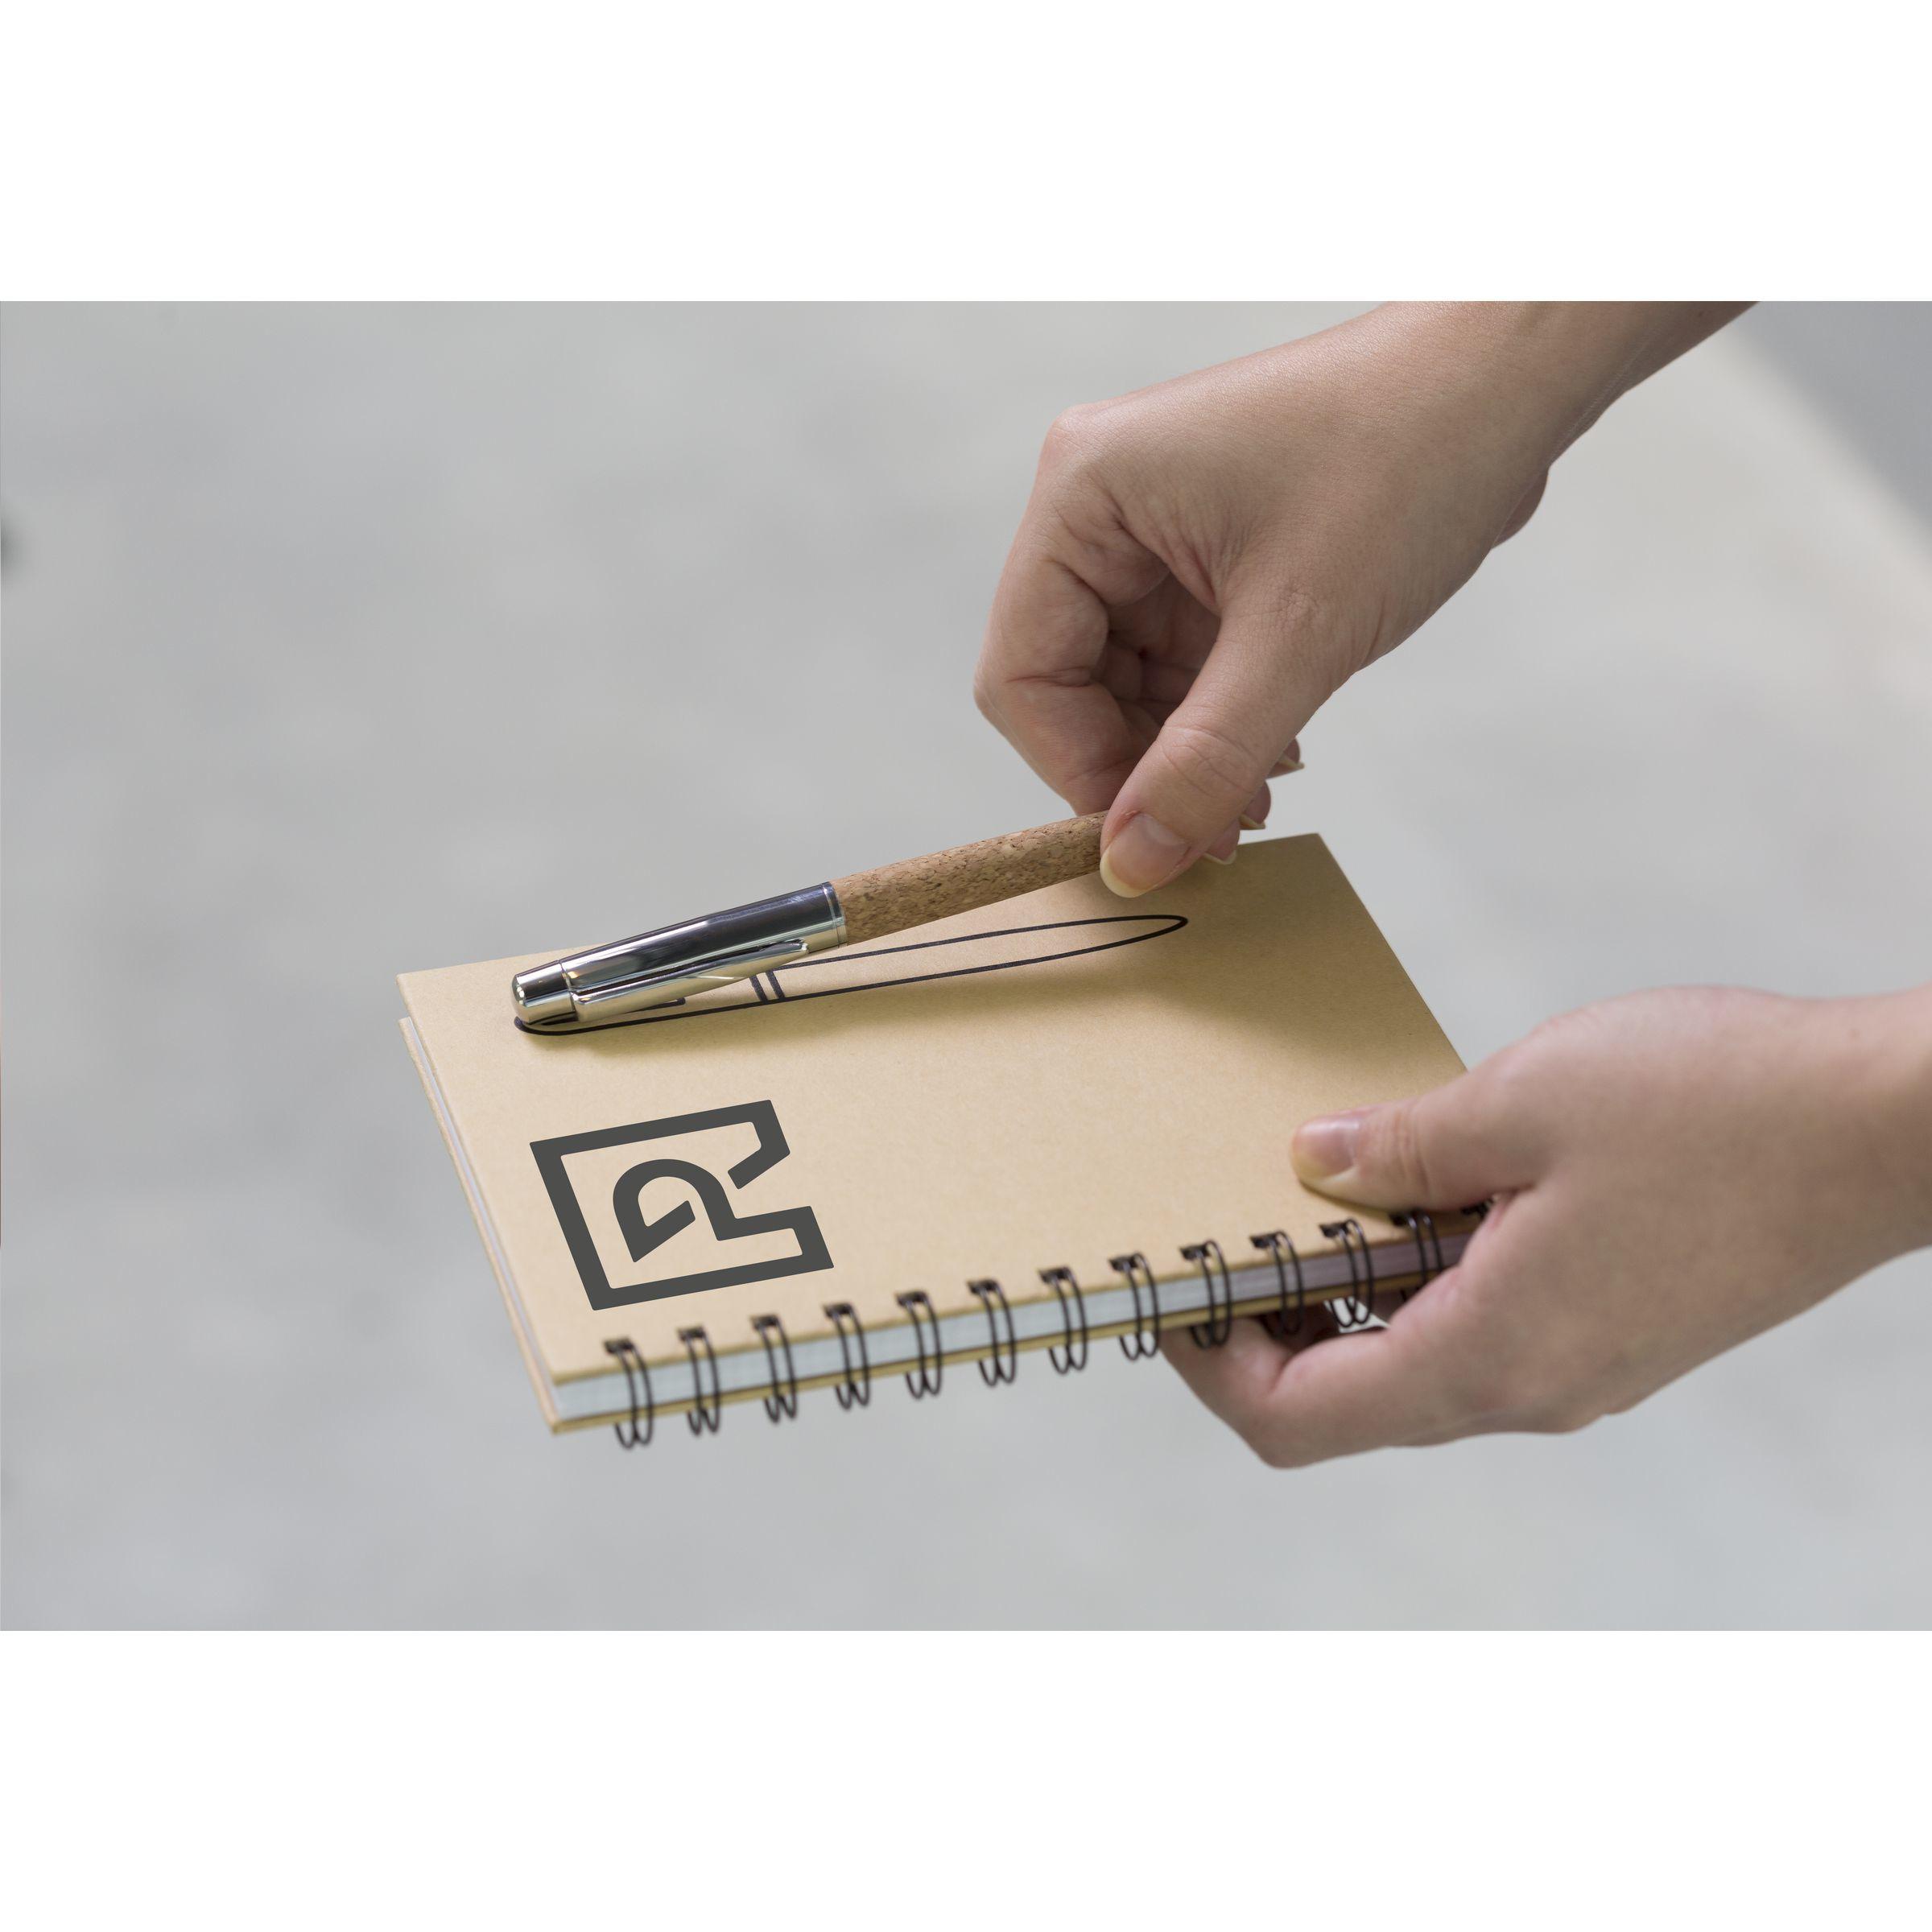 Notebook carnet - 115-1013-5